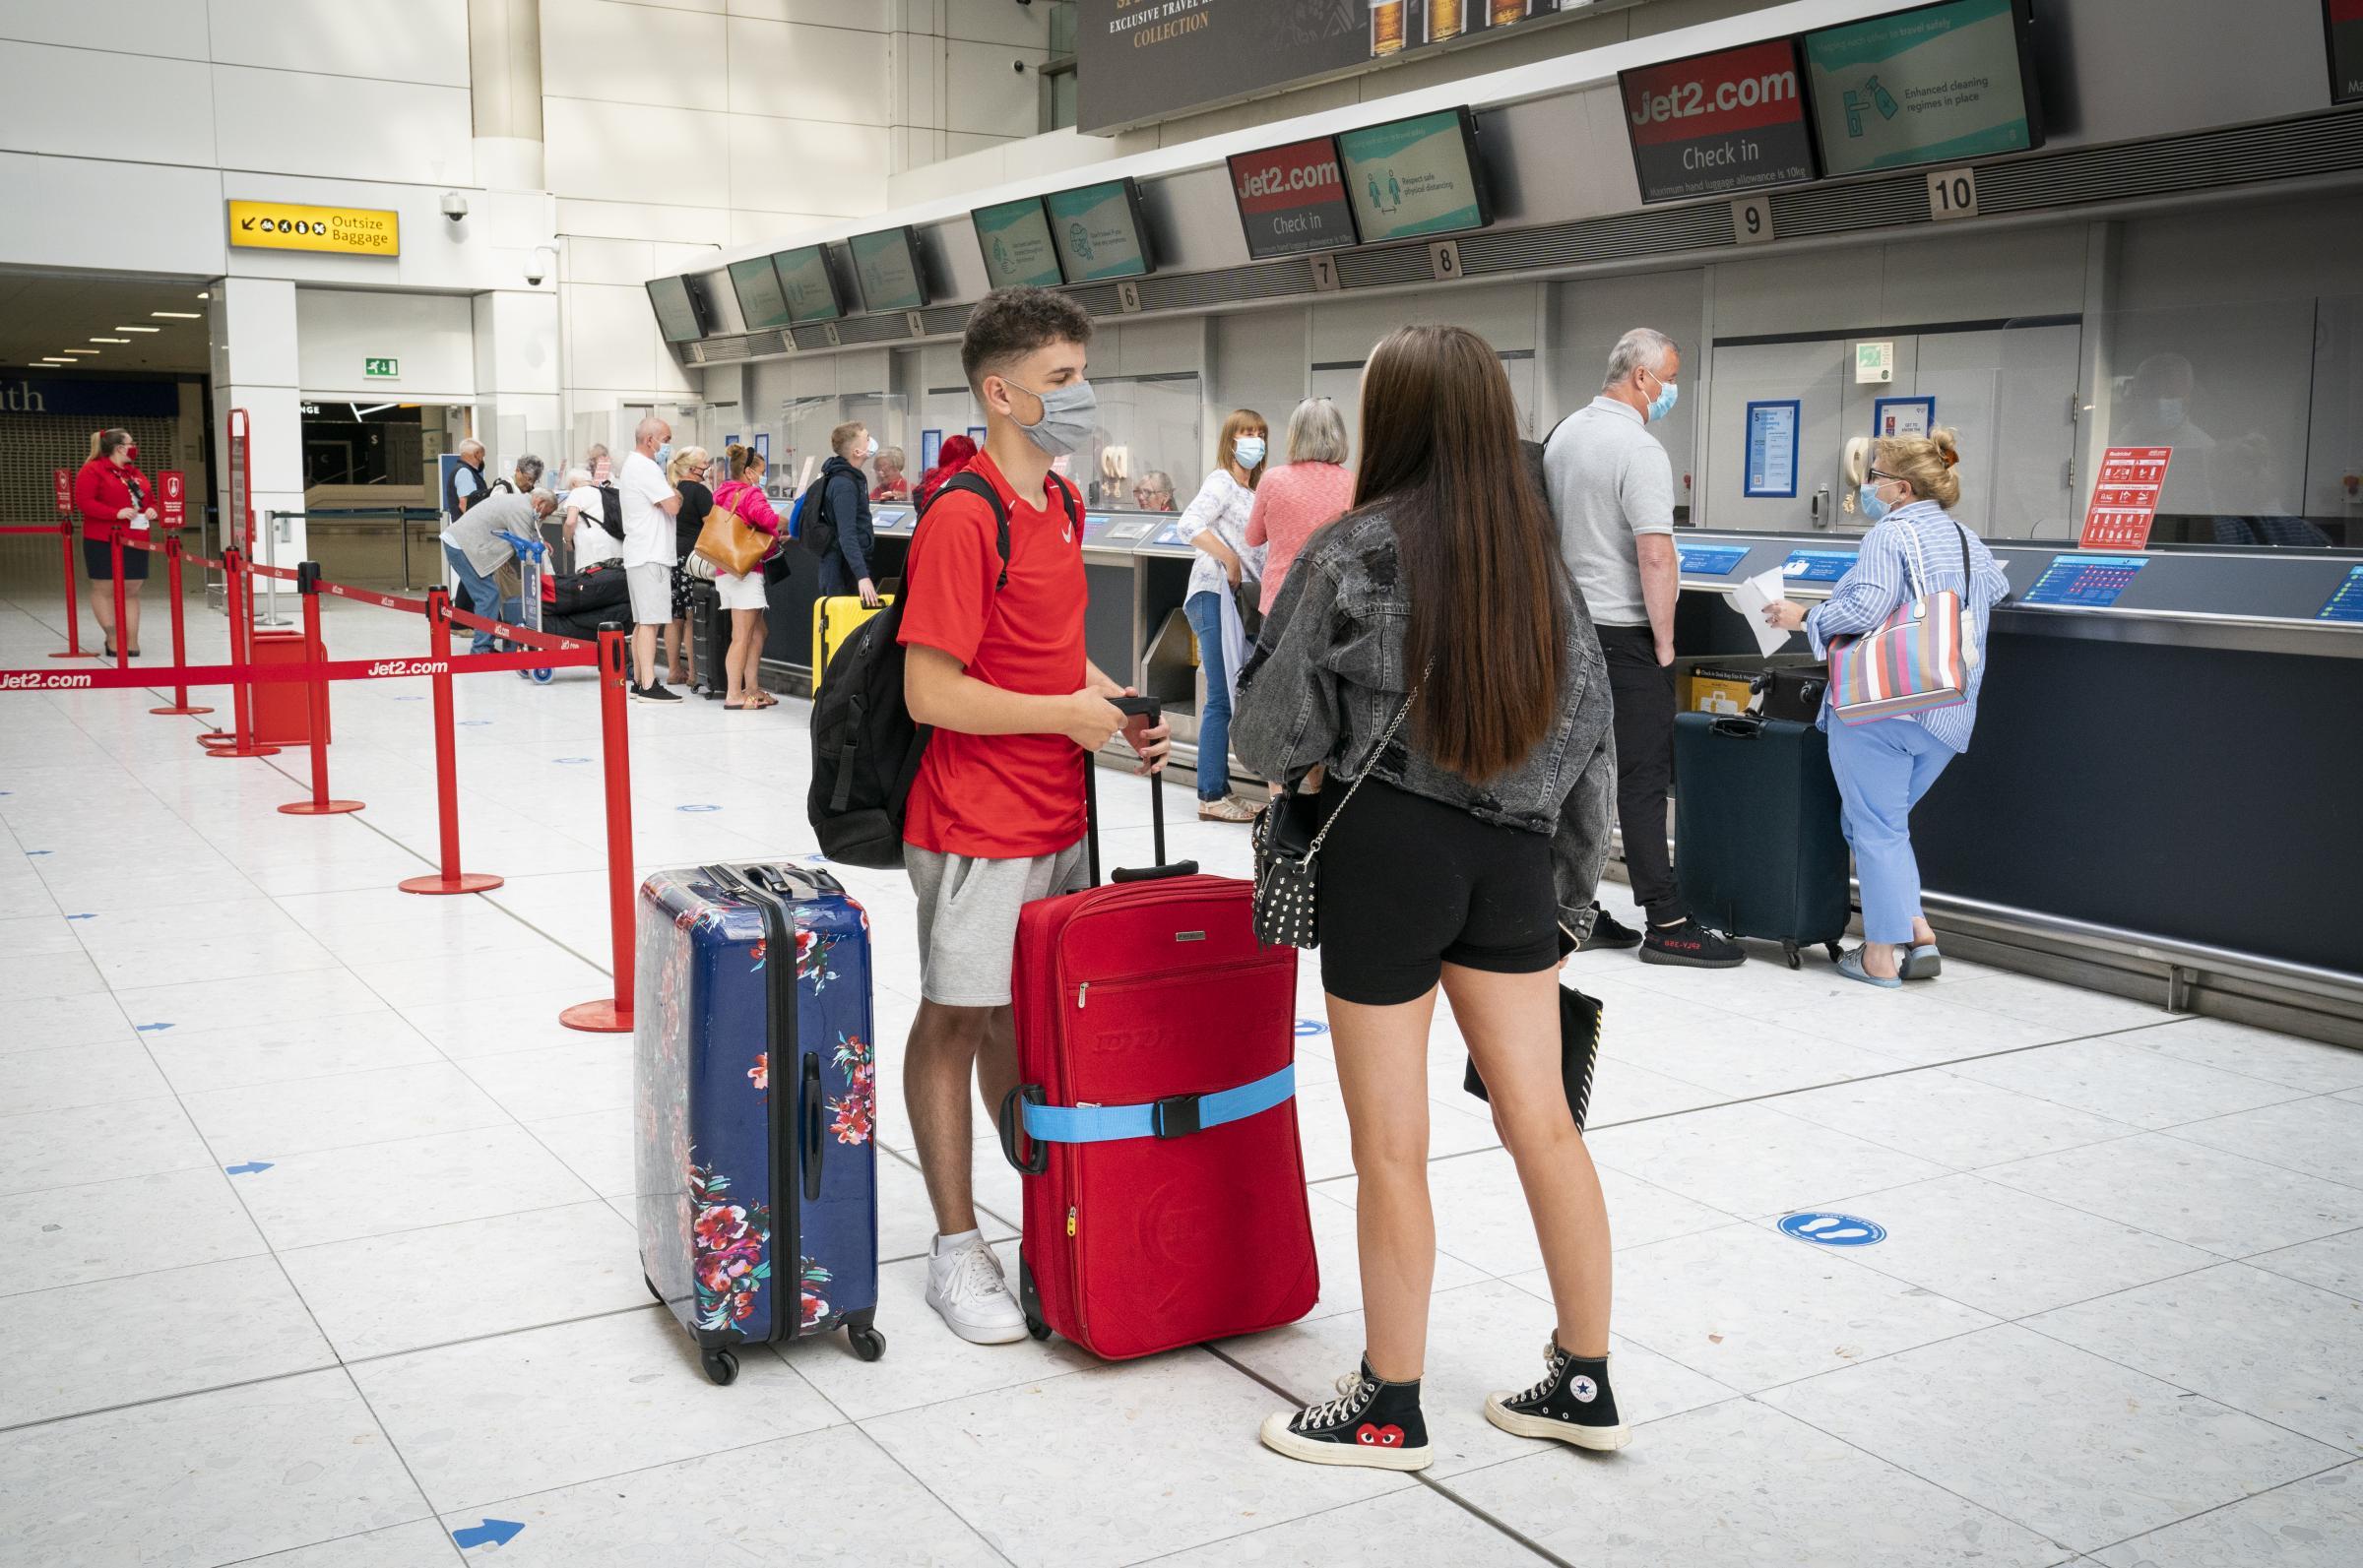 Covid Escocia: advertencia de restricciones ya que los países se eliminan de la lista roja de viajes